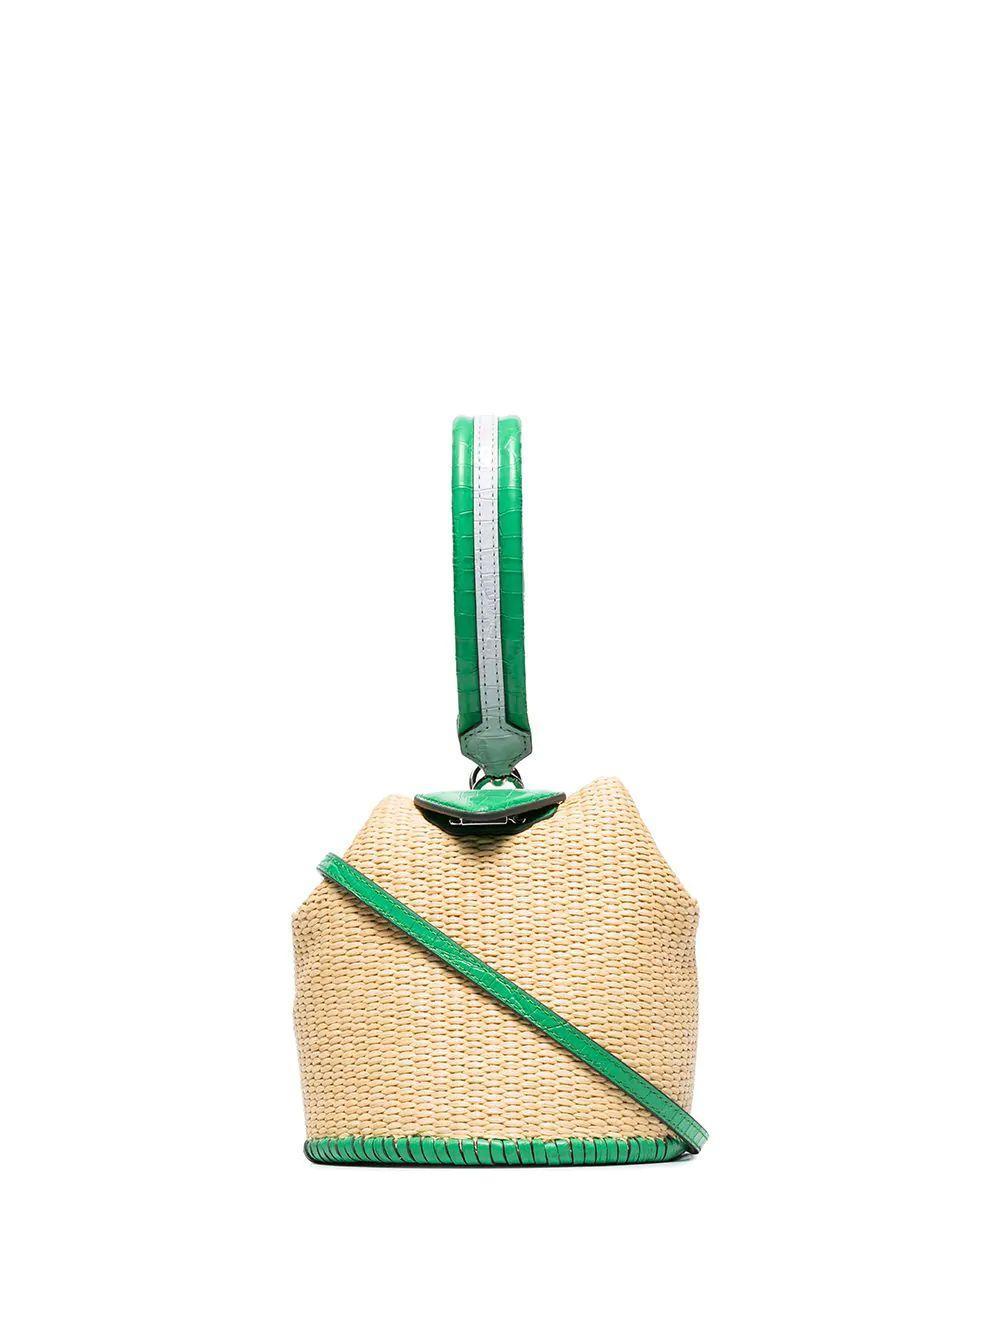 Xs Josh Bucket Bag Item # S20-26-1936